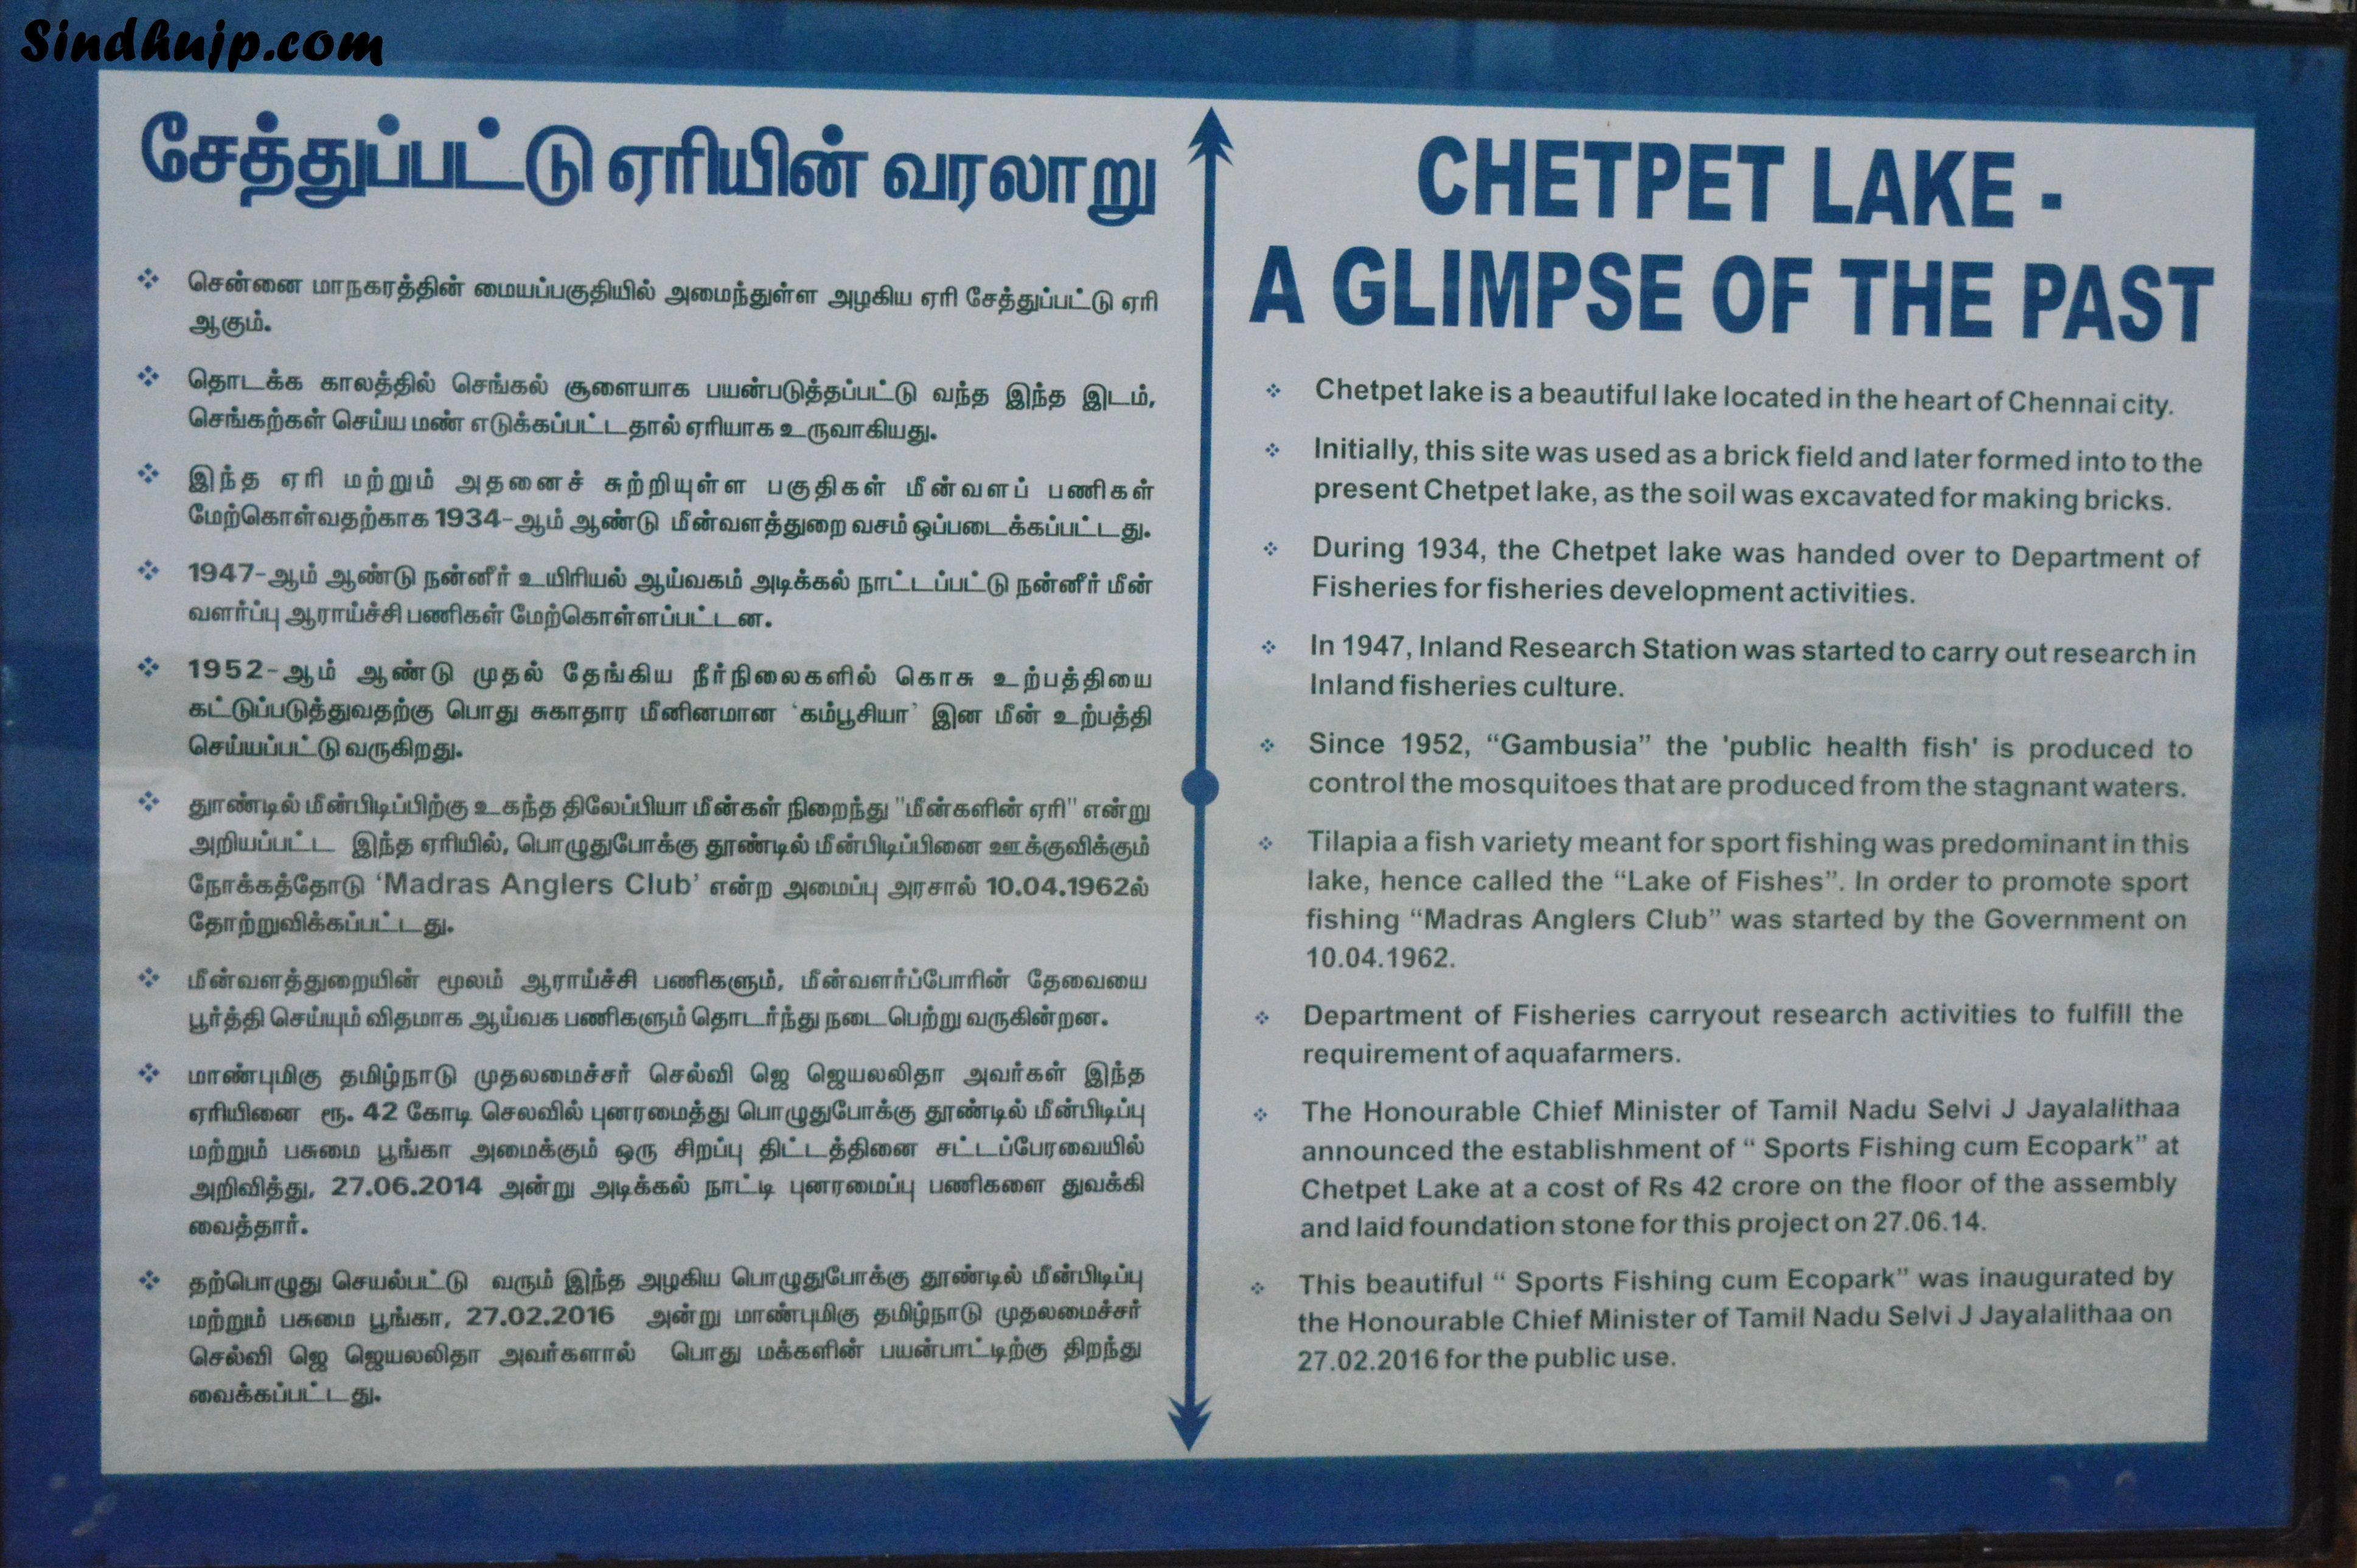 history of chetpet lake